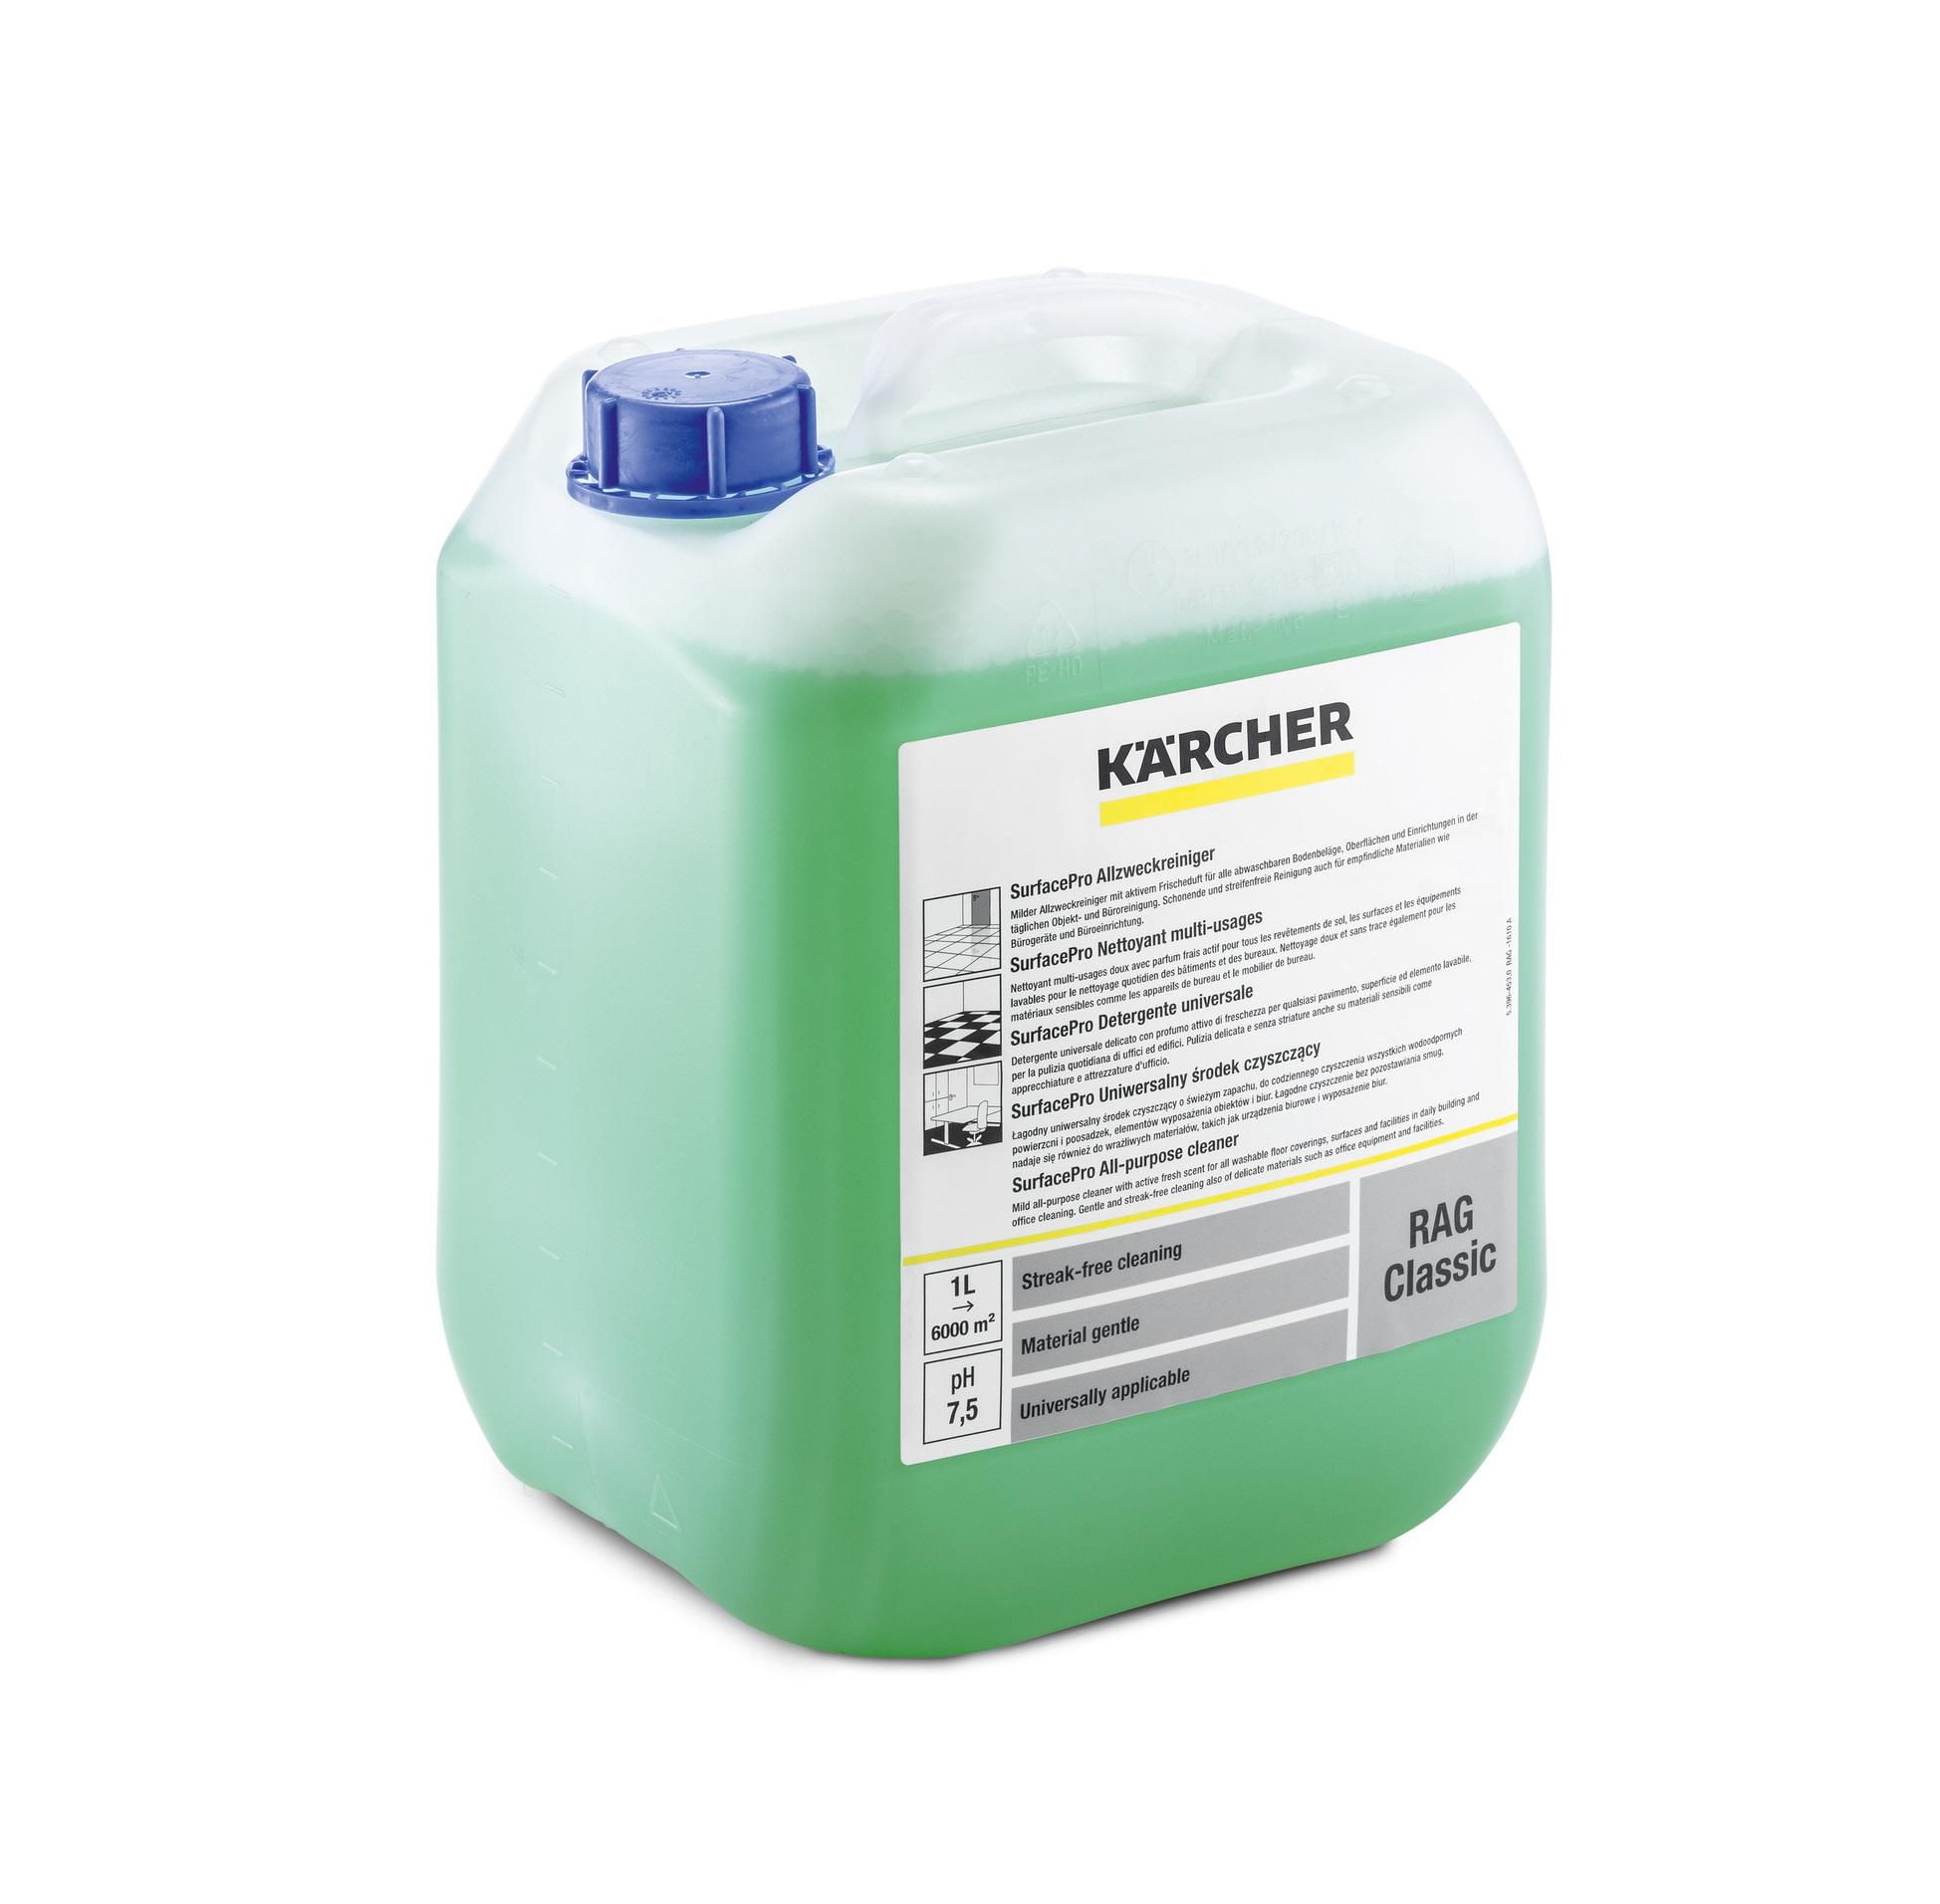 Почистващ многофункционален препарат Karcher RAG Classic 10л.